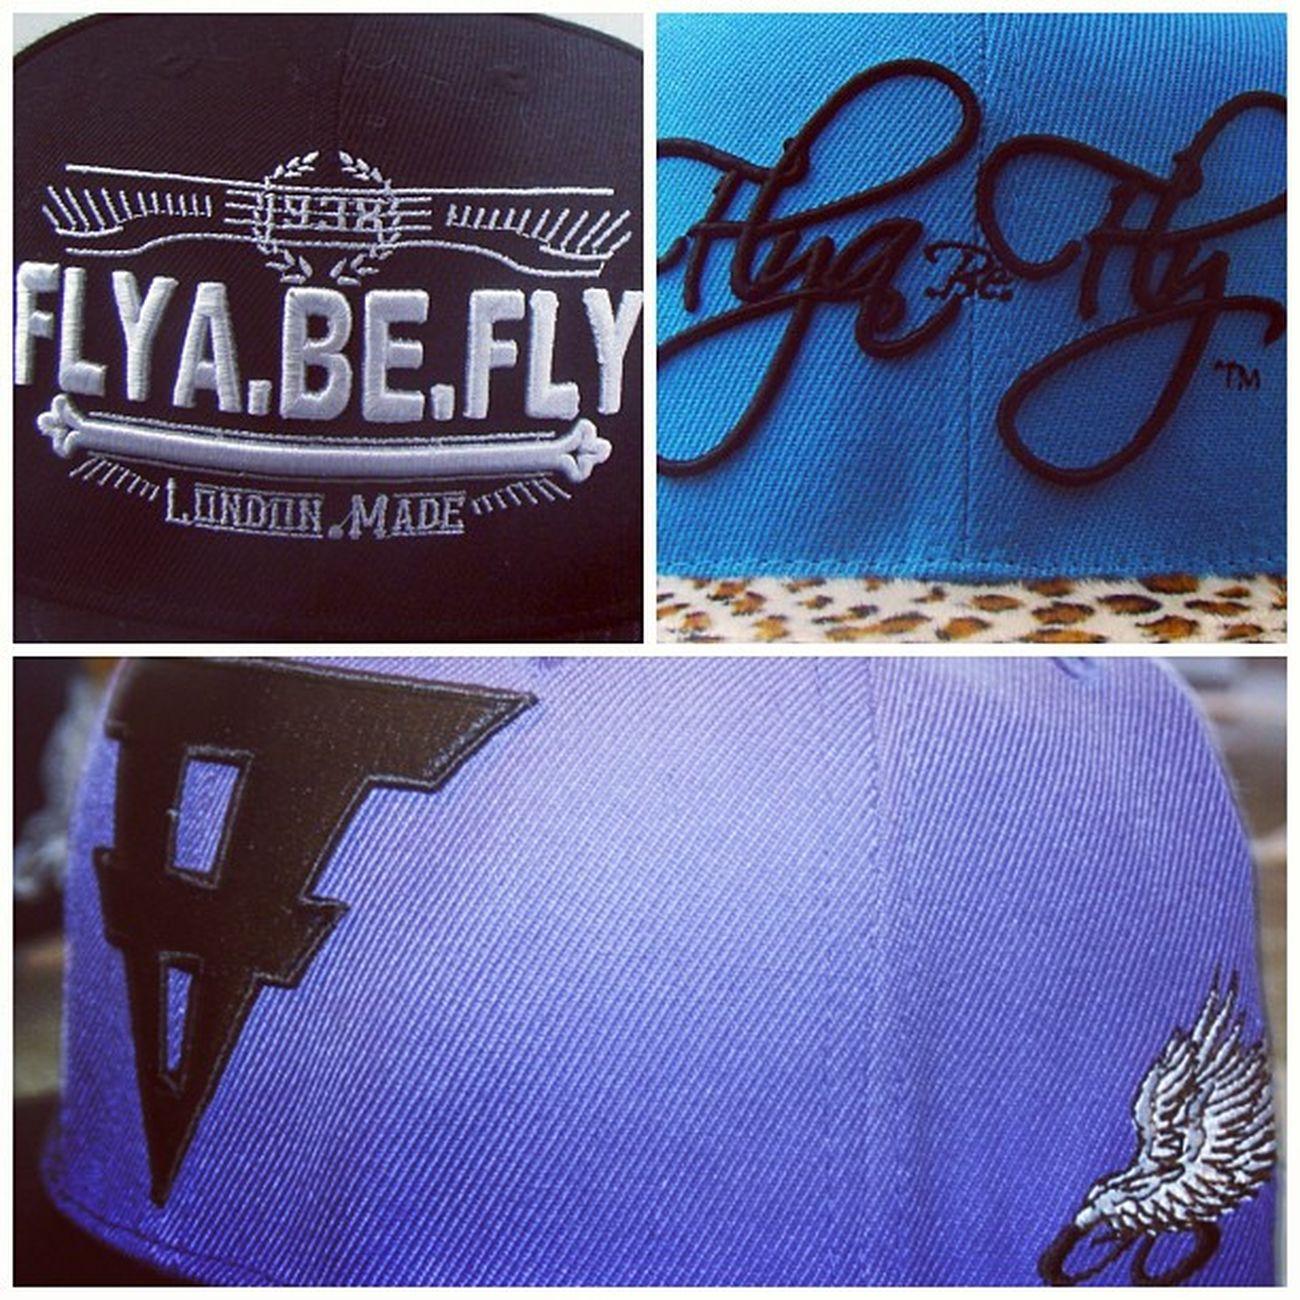 Flyabefly Flyboys  Flygirls Flylife flyalldayflyeverything